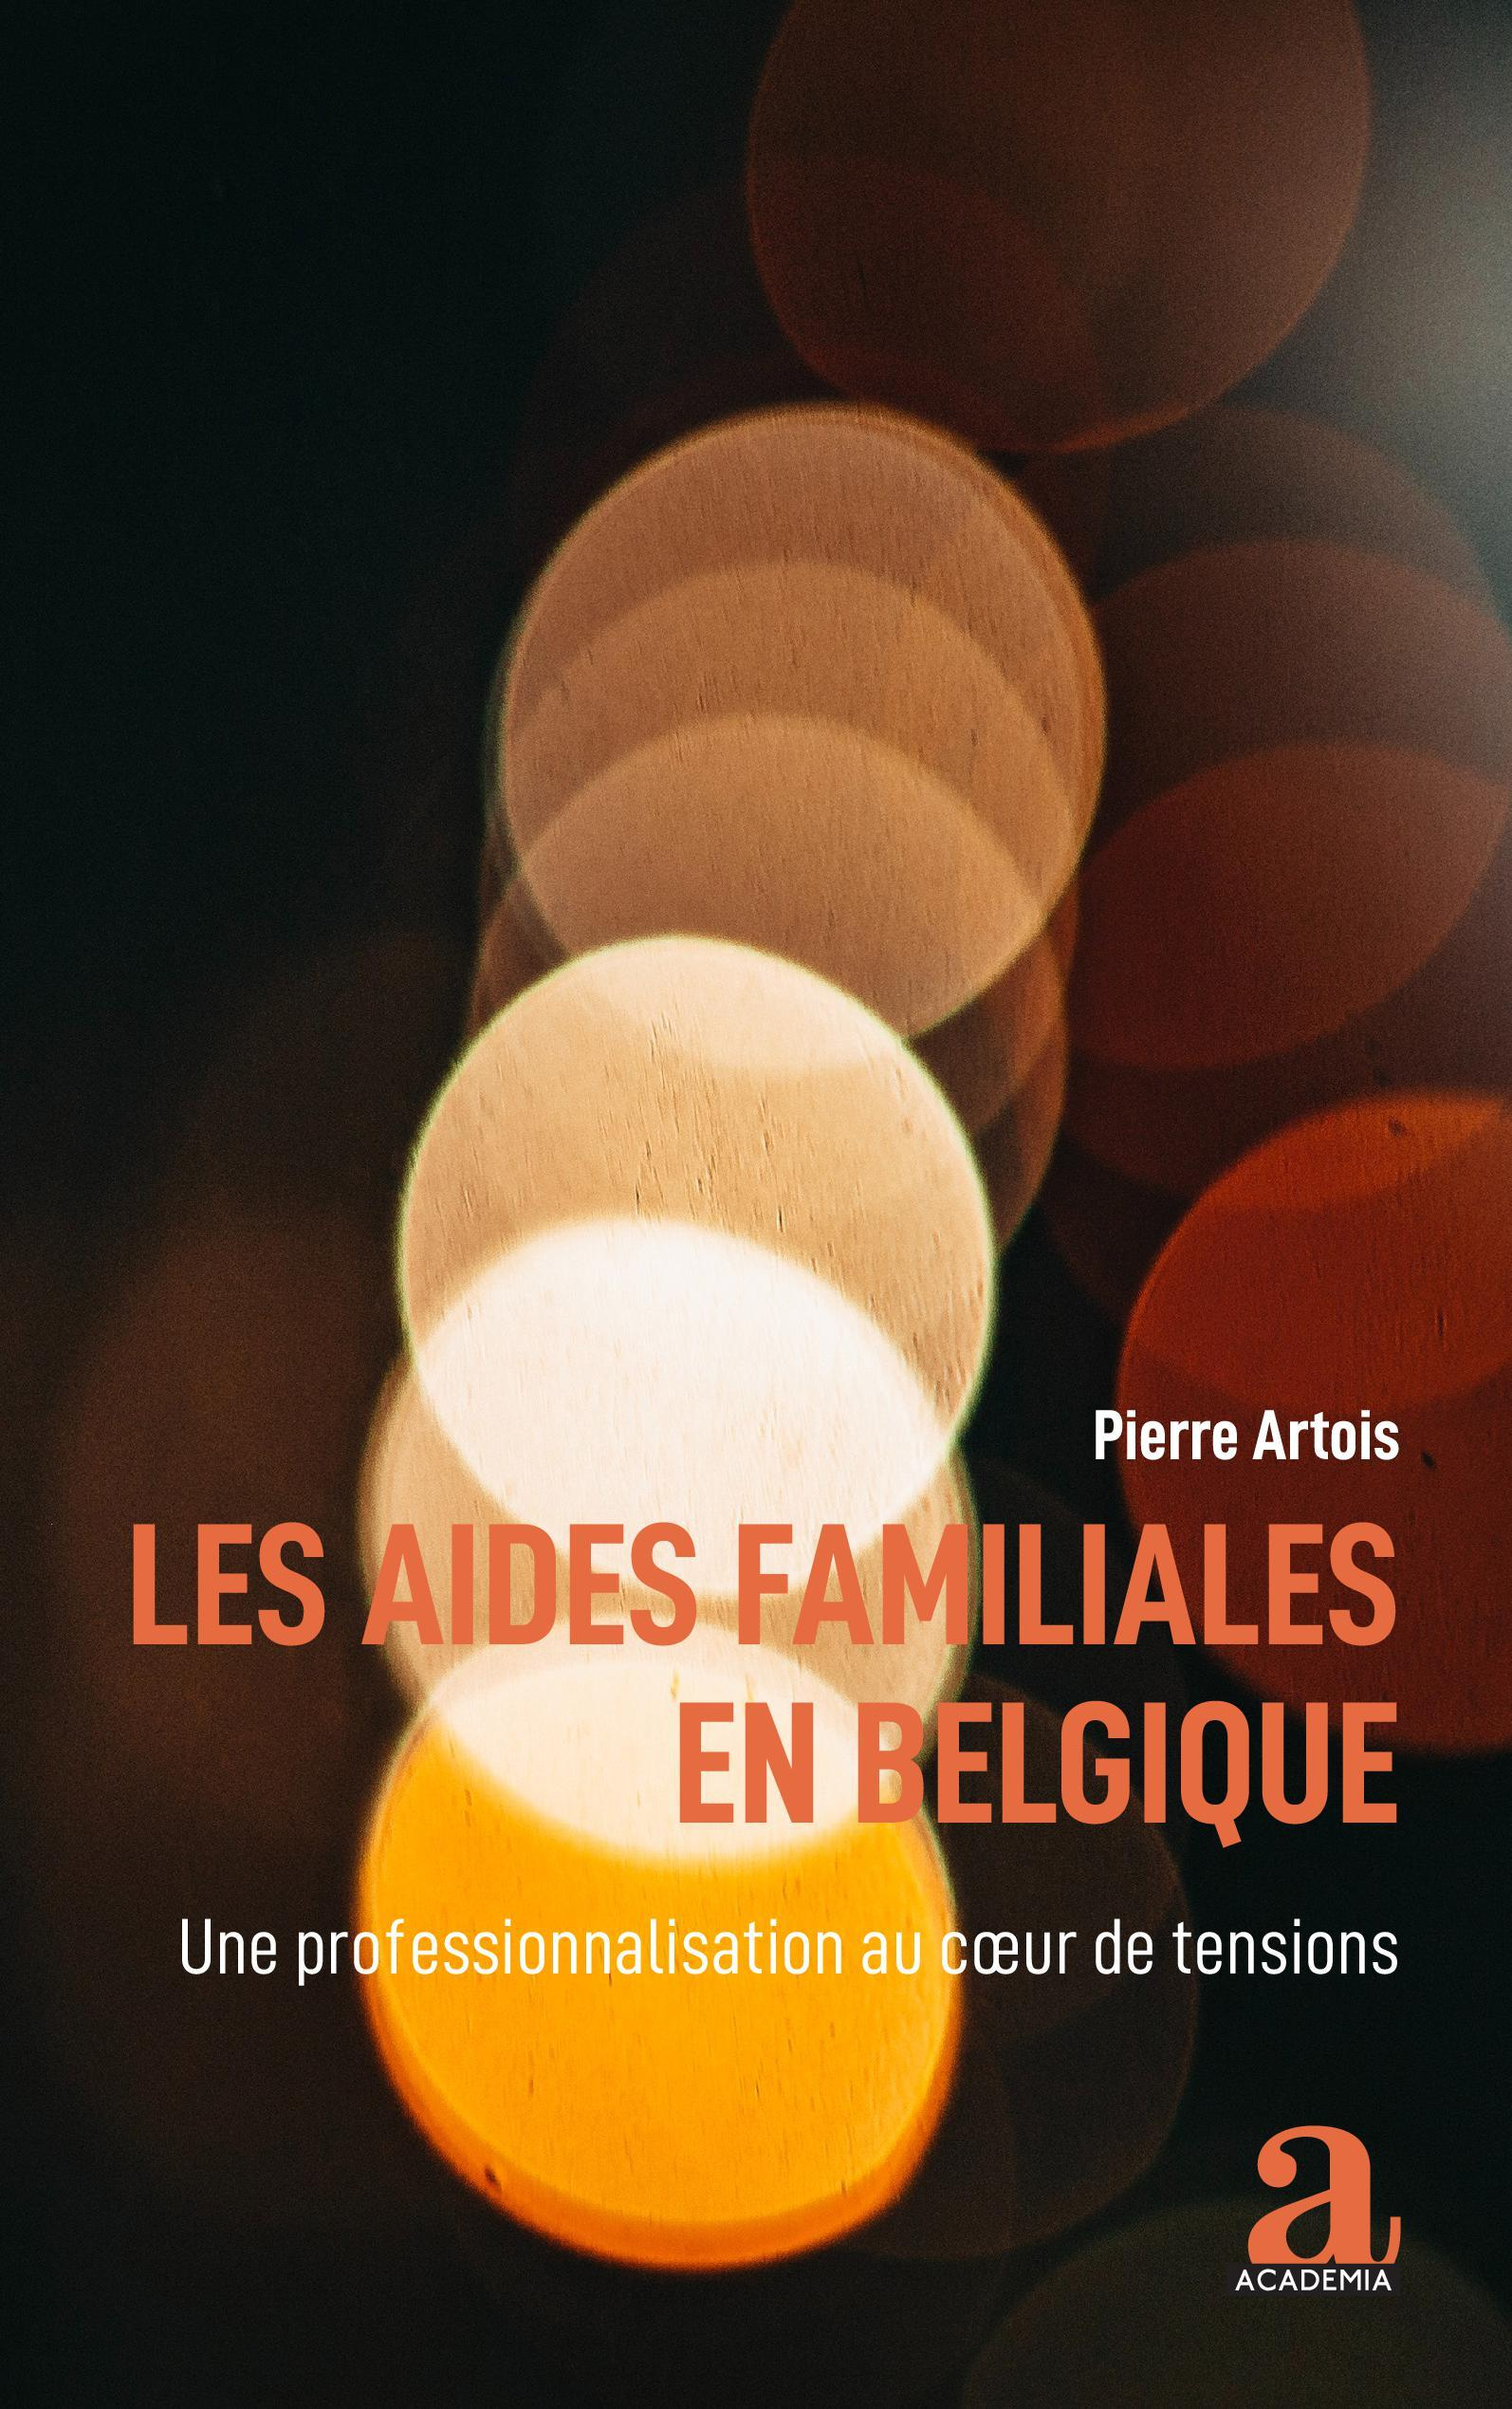 LES AIDES FAMILIALES EN BELGIQUE - UNE PROFESSIONNALISATION AU COEUR DE TENSIONS